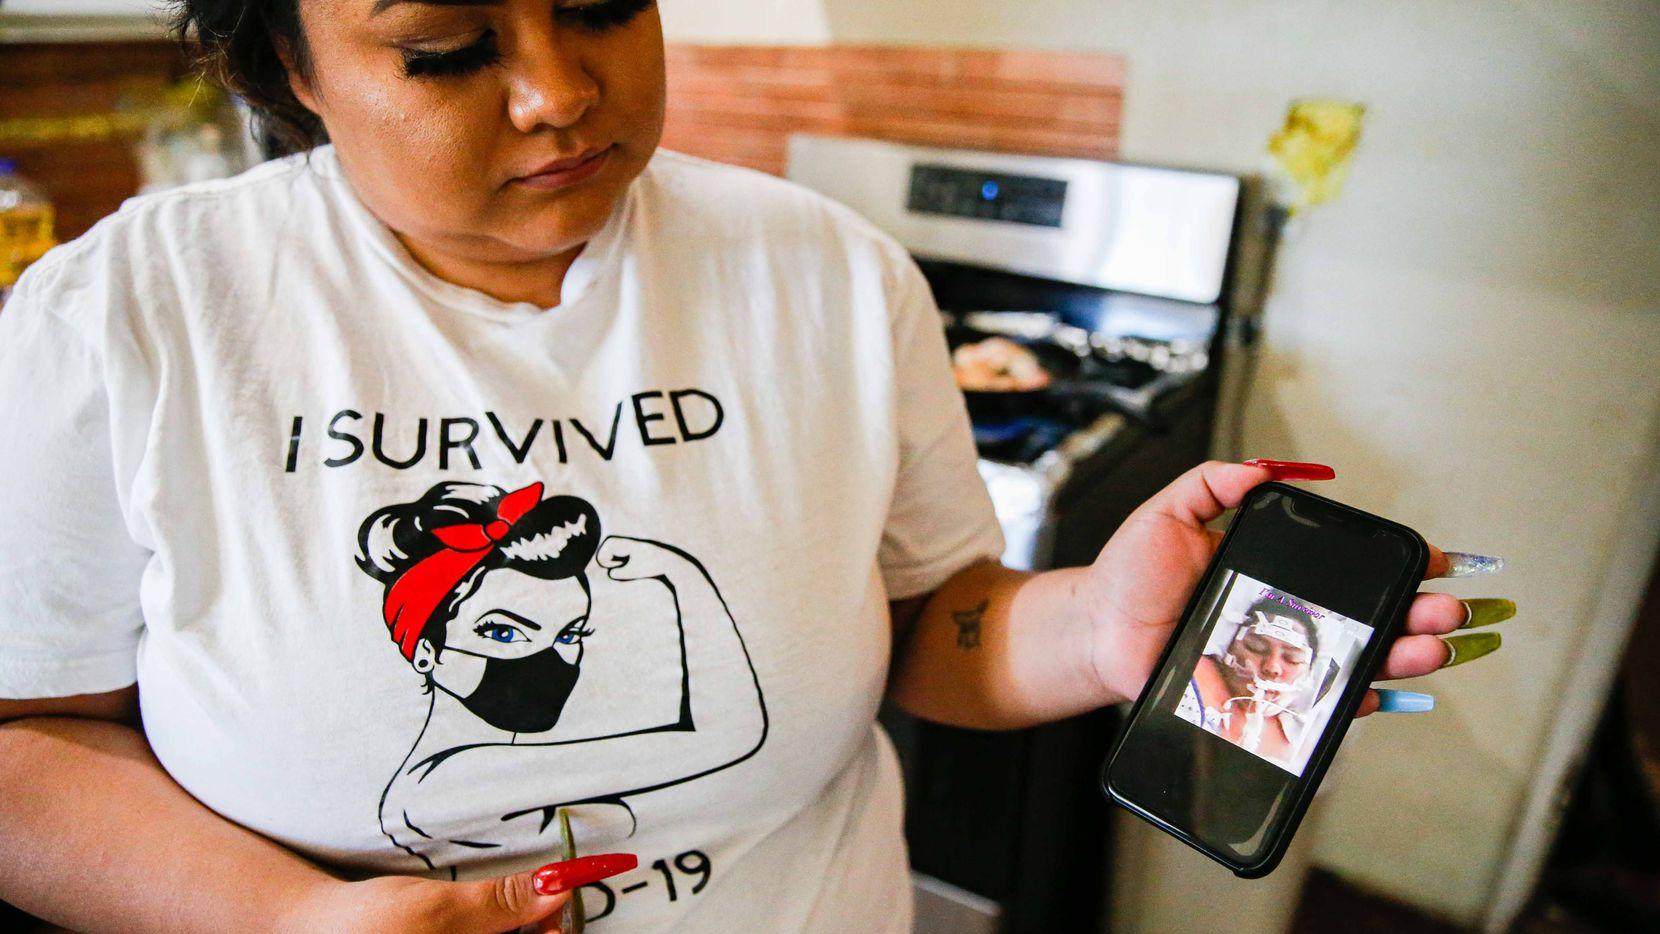 Devany Veloz, 26, es sobreviviente de covid-19. En la imagen, ella muestra una fotografía de cuando estaba intubada. Permaneció conectada a un ventilador por siete semanas y a una máquina de soporte vital por cinco. En total, estuvo 69 días en el hospital y, aunque fue dada de alta en agosto, aun sufre las secuelas de covid-19.